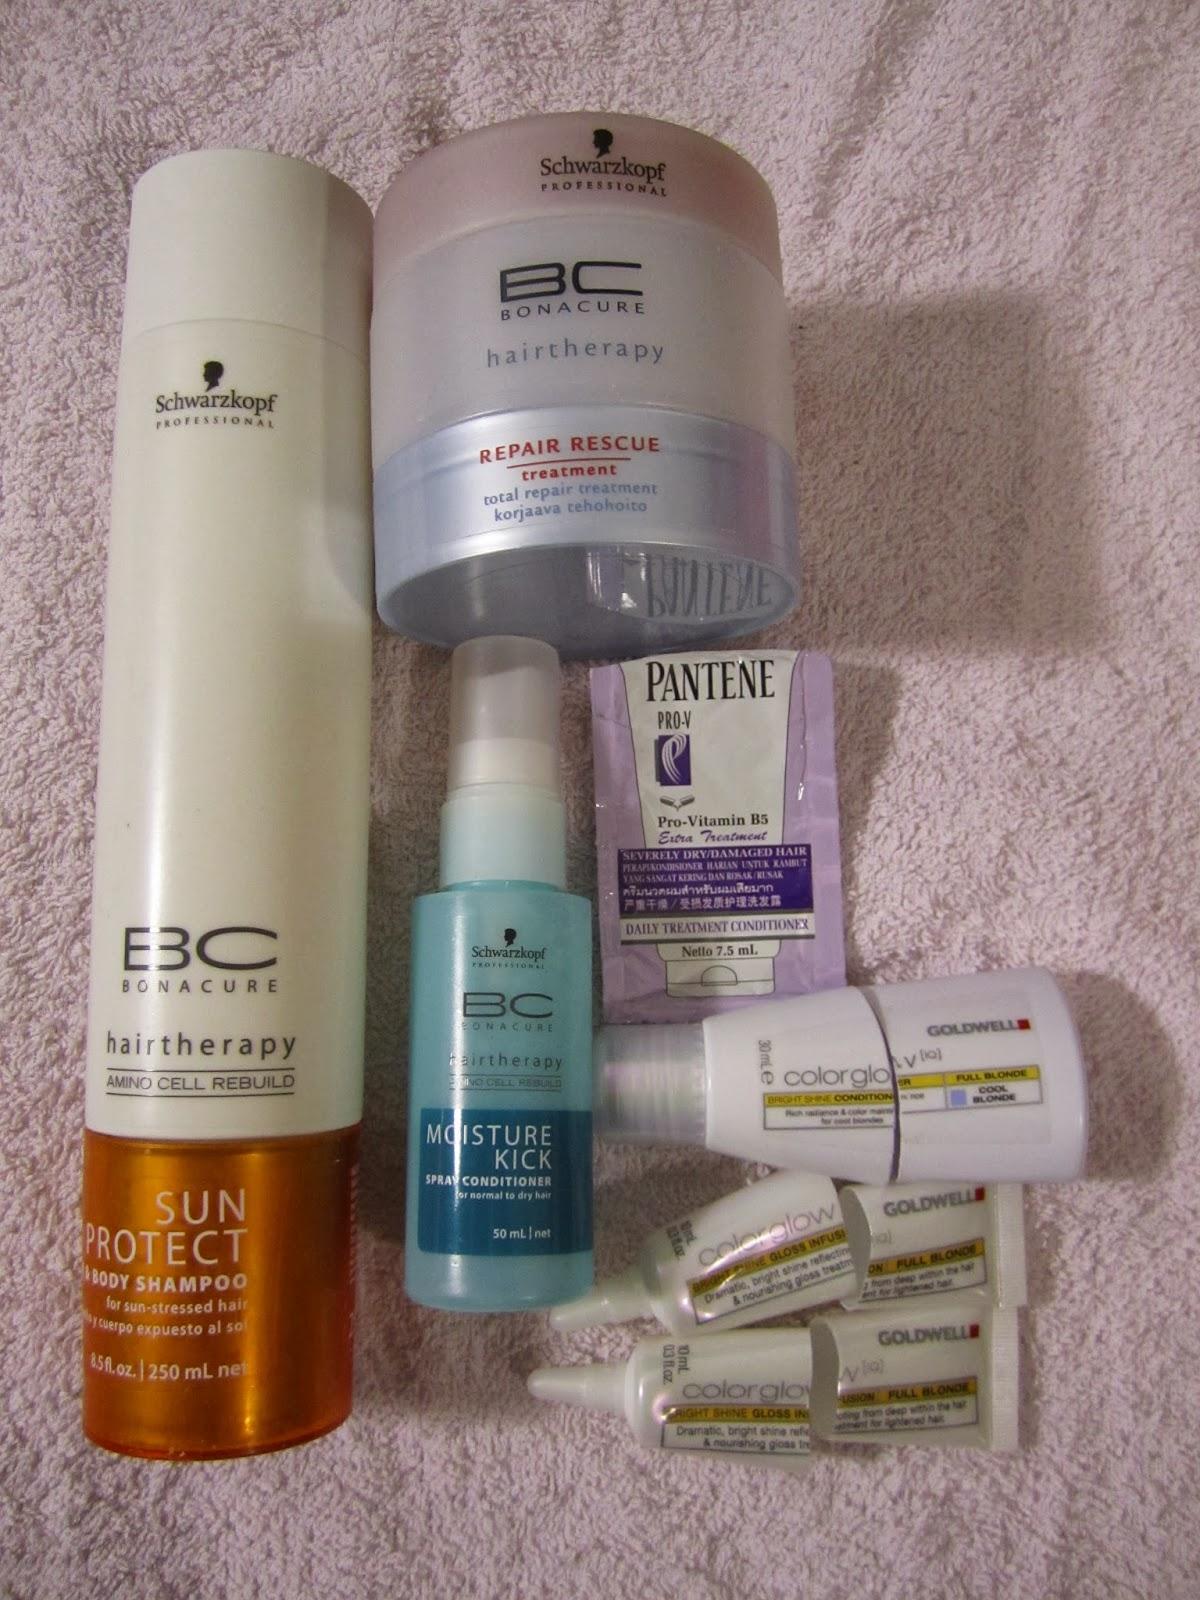 Schwarzkopf Bonacure Moisture Kick Spray Conditioner 50 ml. Kosteuttava  hiusten hoitosuihke ja suosikkituotteeni hiuksiin jätettävistä  hoitoaineista 7d2bcb11d9